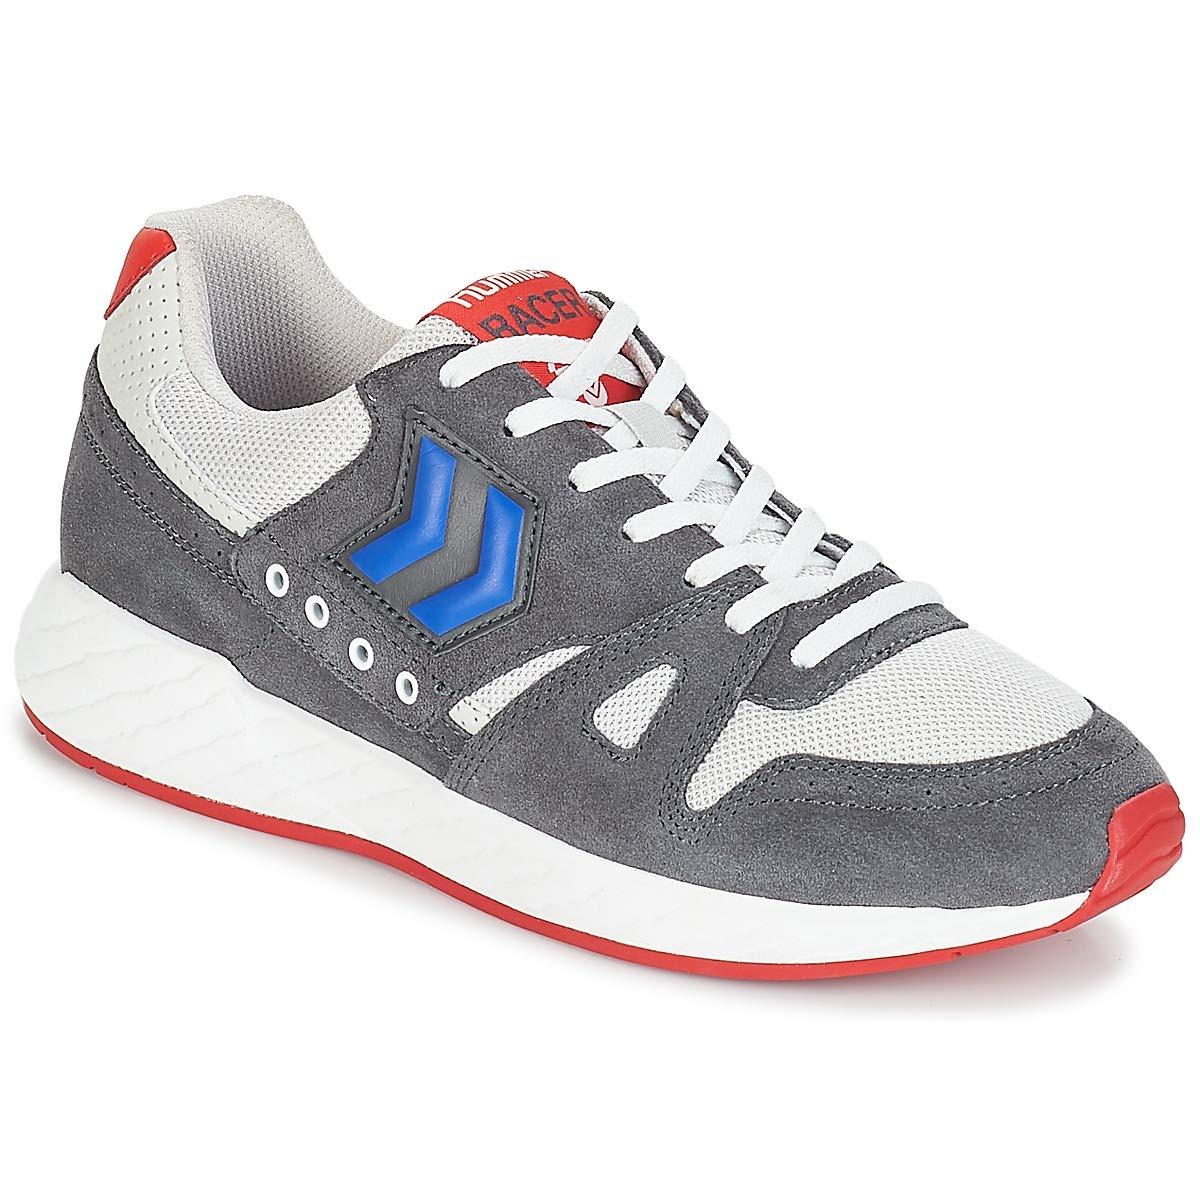 Hummel Legend Marathona - asphalt - Lifestyle-Schuhe-Herren